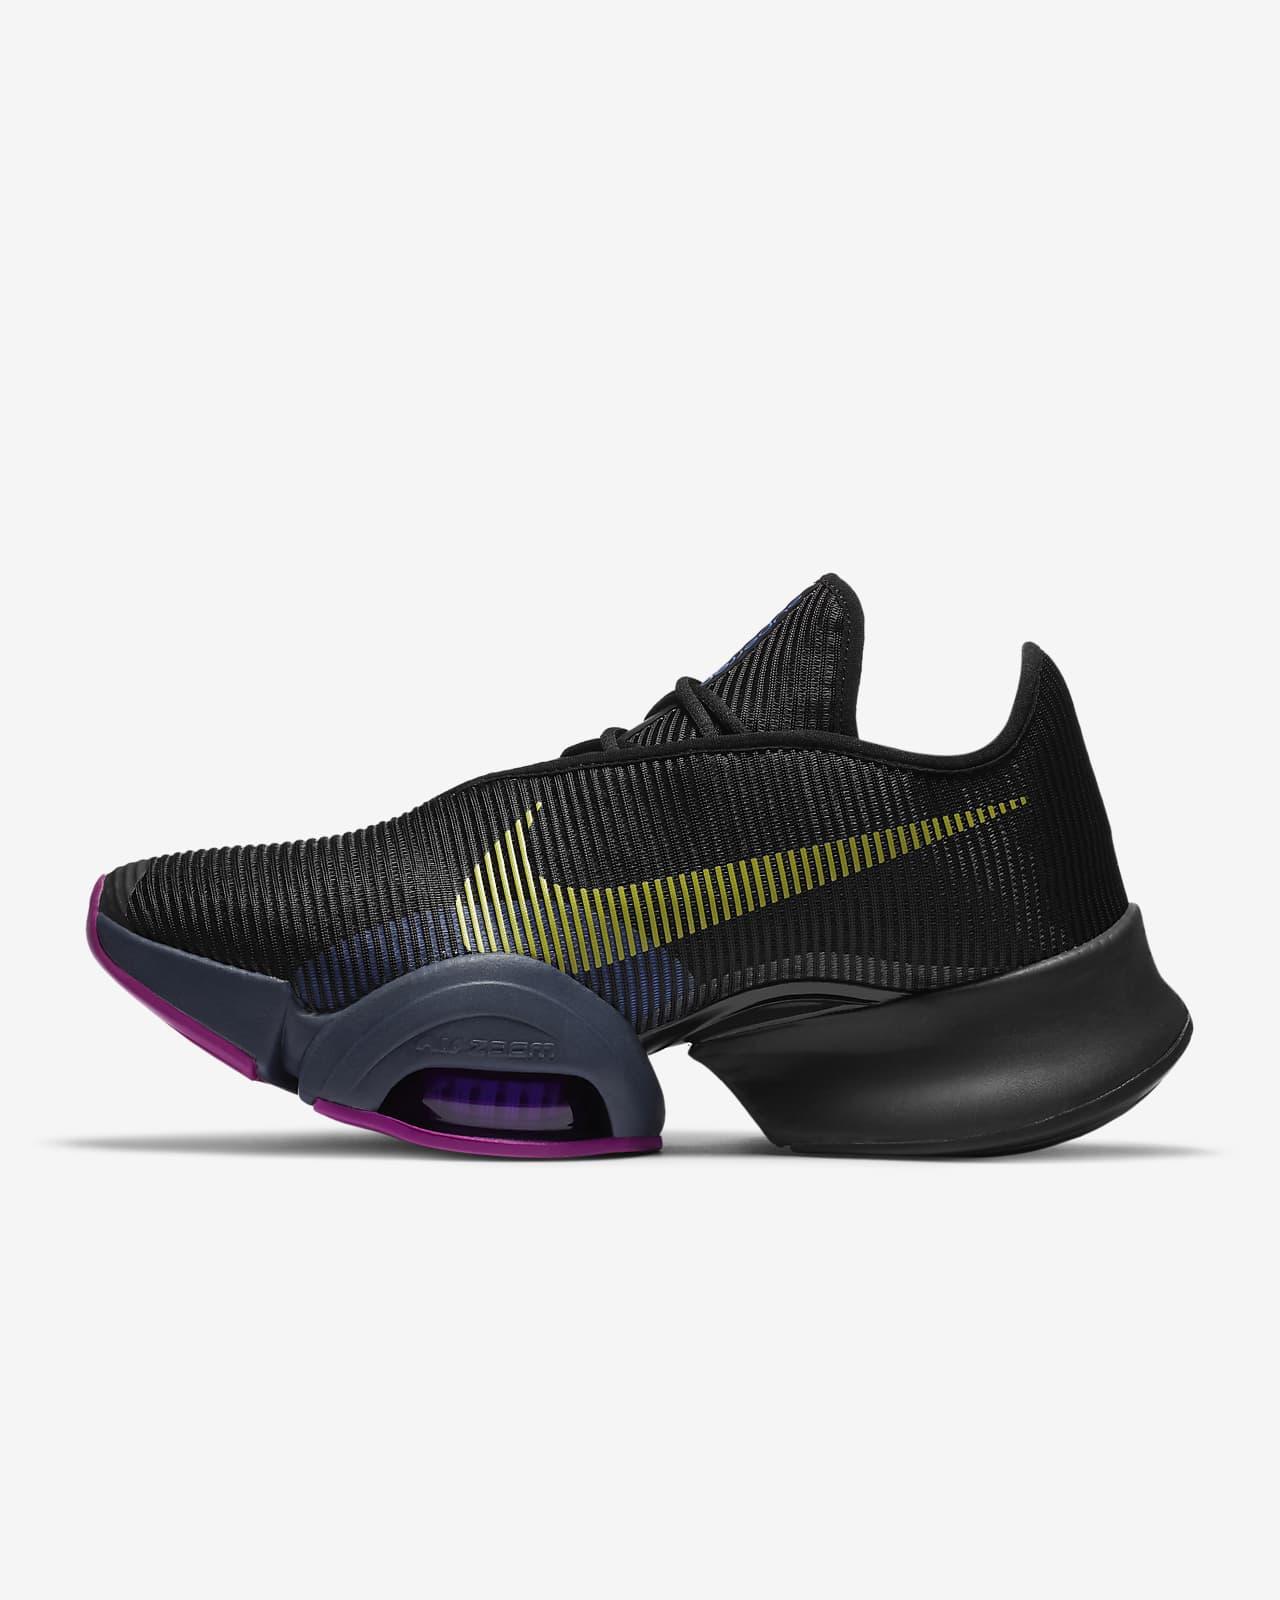 HIIT-sko Nike Air Zoom SuperRep 2 för kvinnor